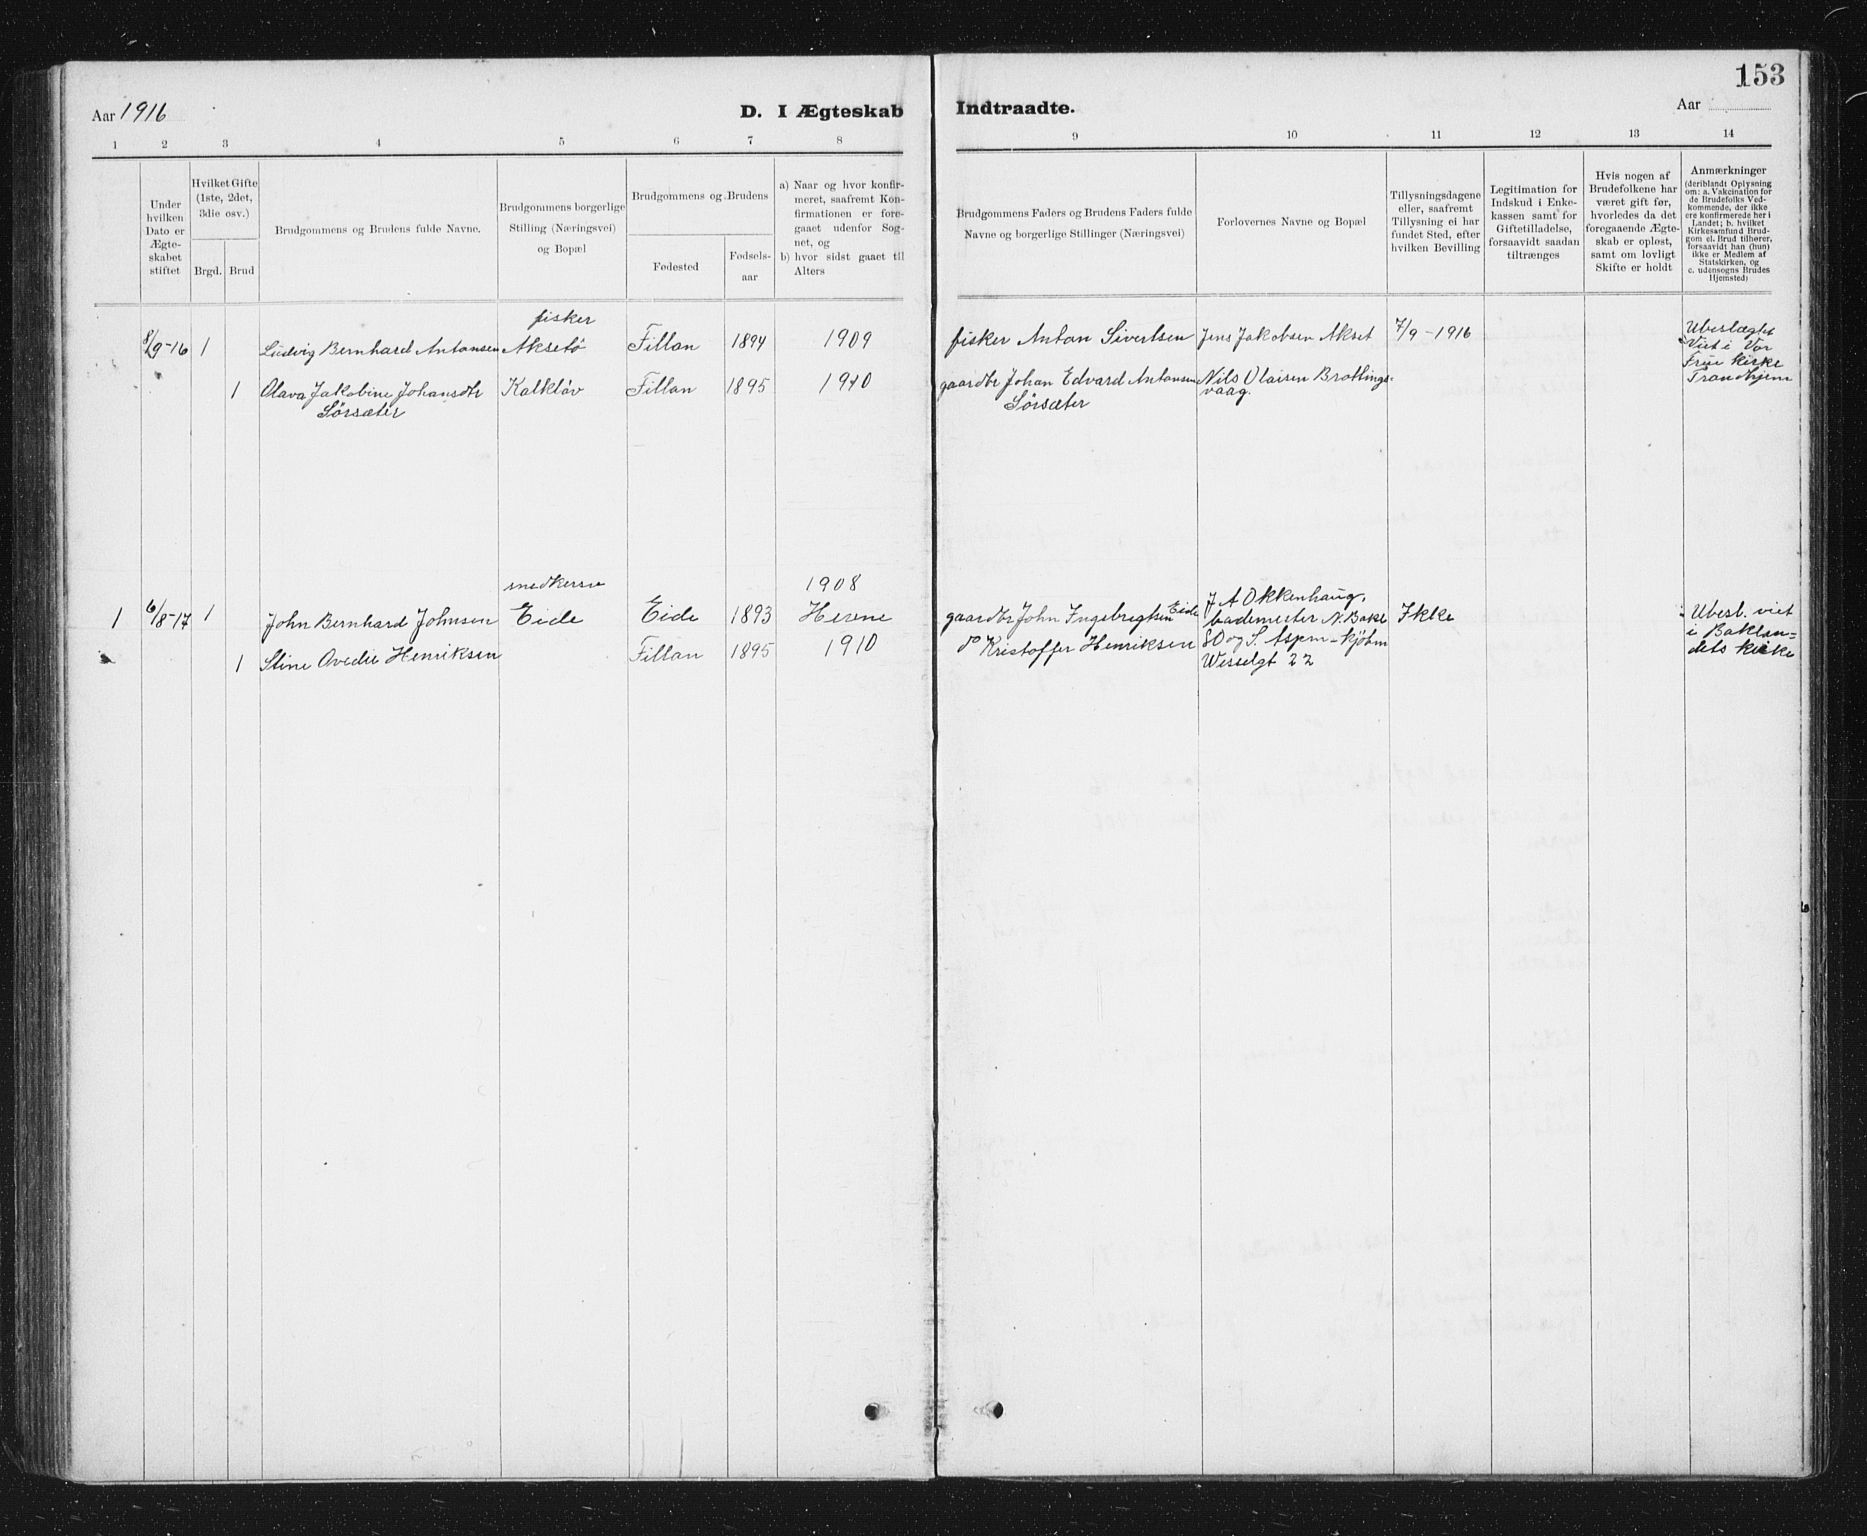 SAT, Ministerialprotokoller, klokkerbøker og fødselsregistre - Sør-Trøndelag, 637/L0563: Klokkerbok nr. 637C04, 1899-1940, s. 153